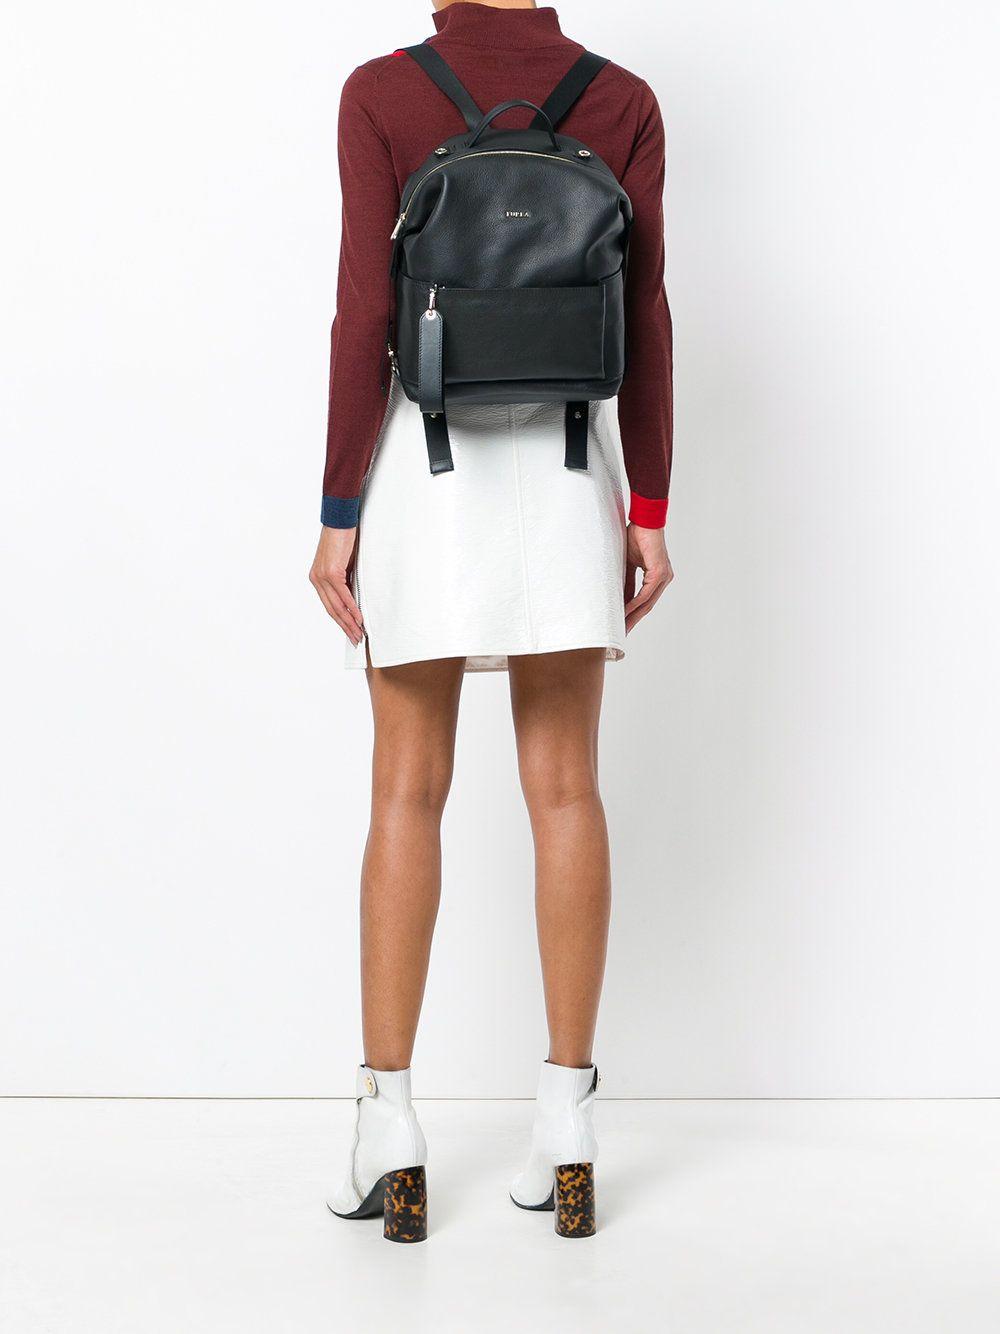 2591ecdbe Furla Dafne Avatar backpack | B A G S . | Backpacks, Furla, Fashion ...